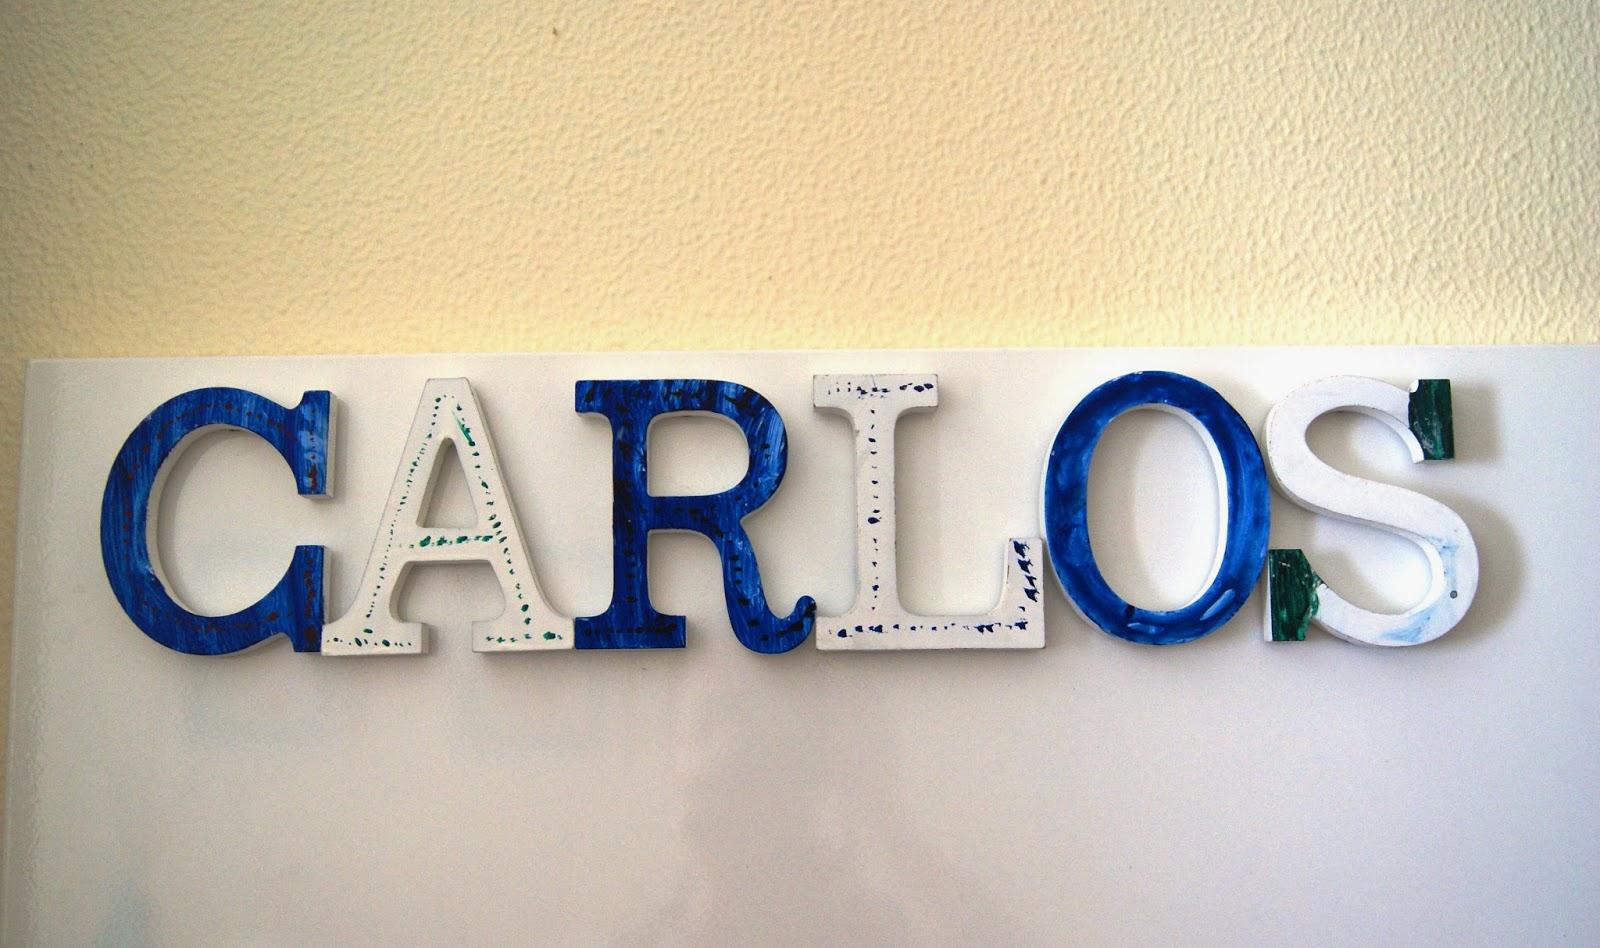 Ruca la casa de los complementos letras de madera - Letras en madera ...